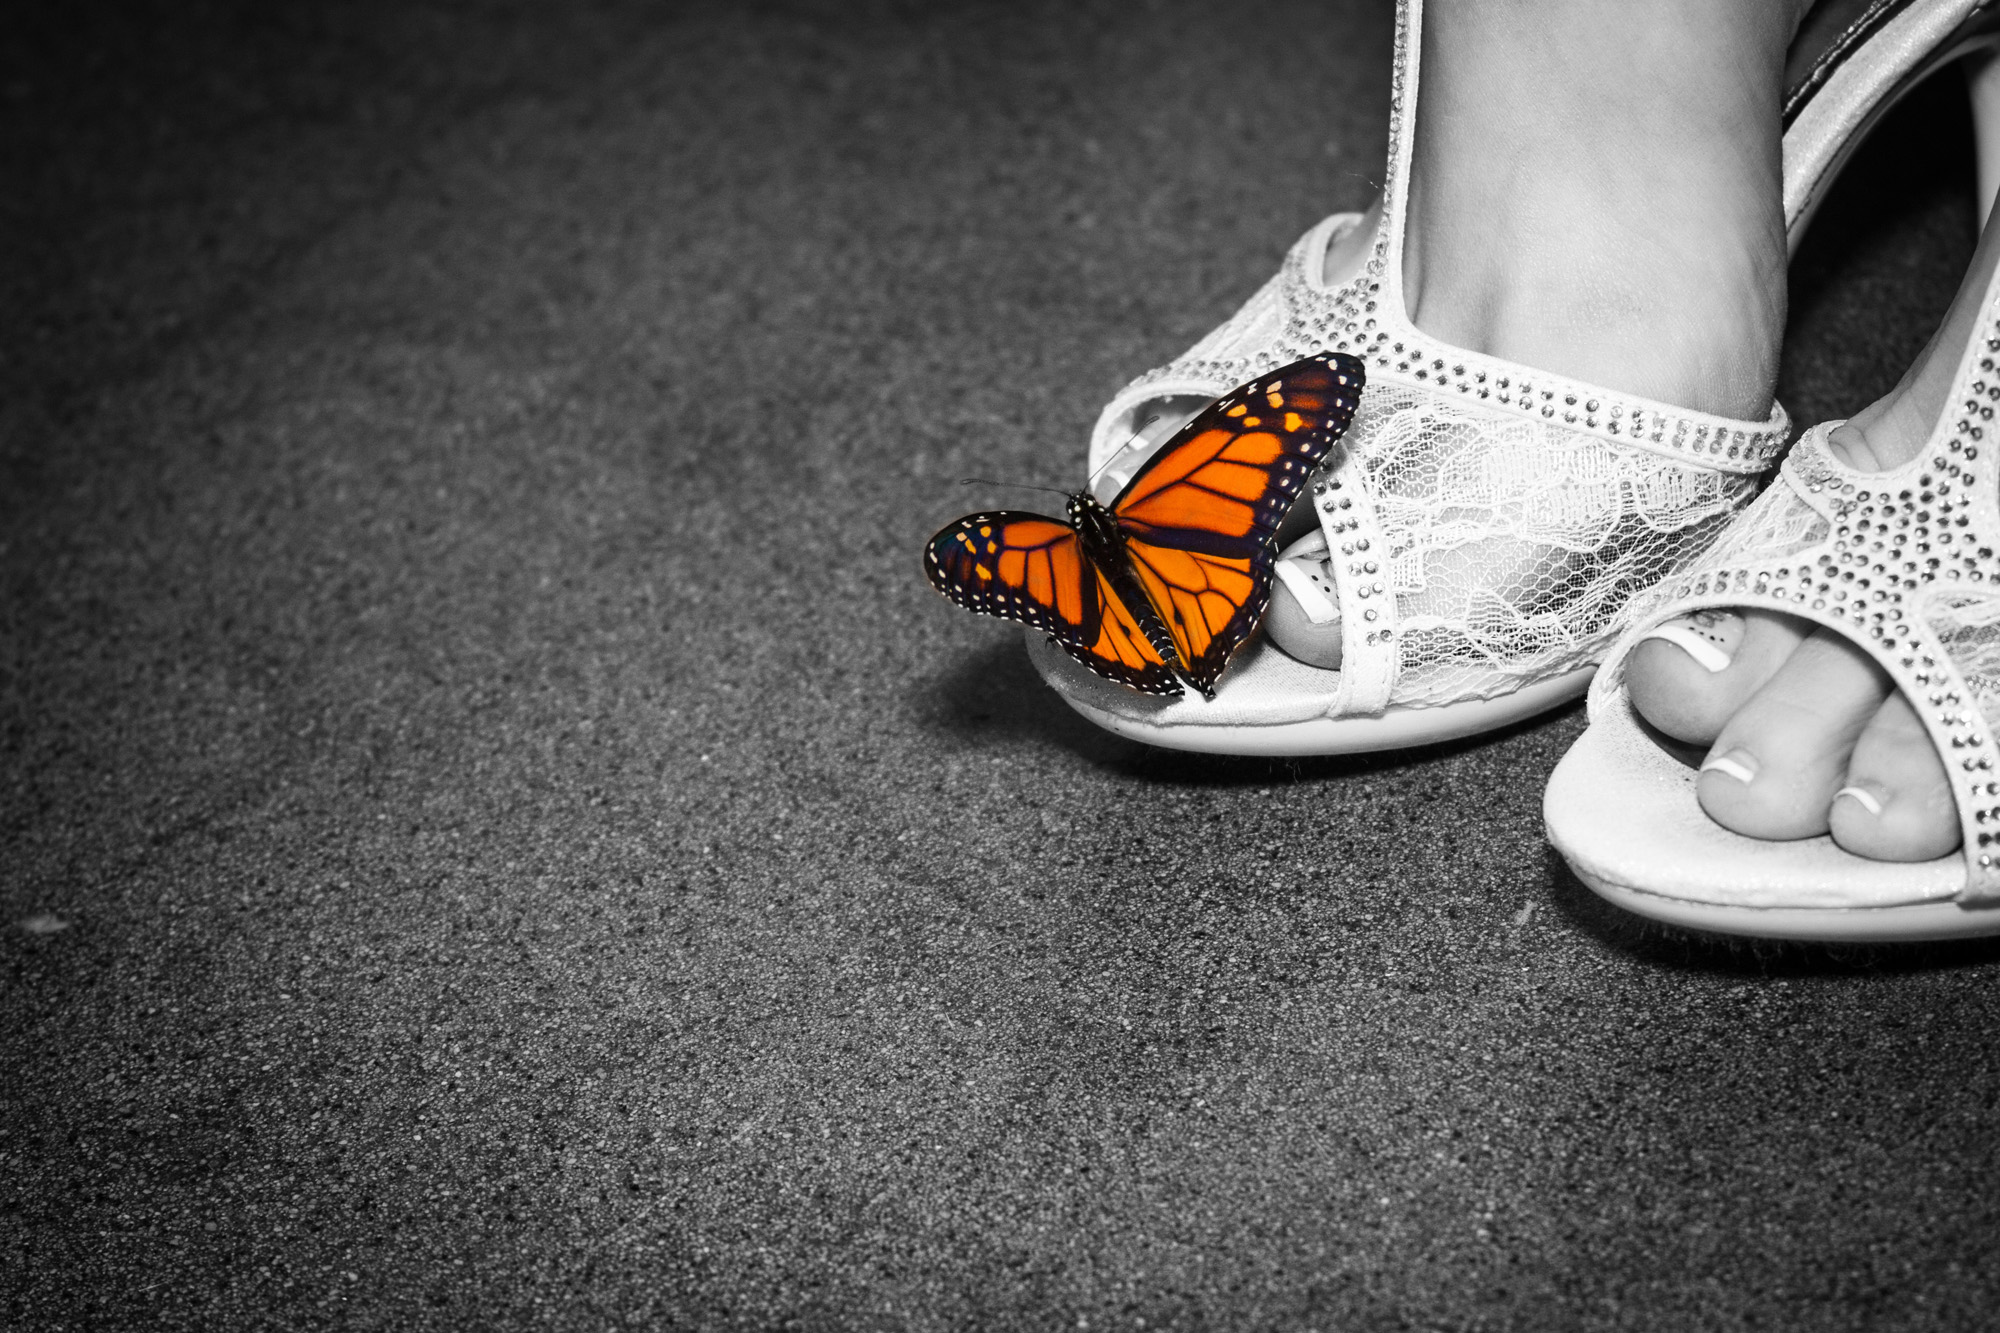 Butterfly release preparation